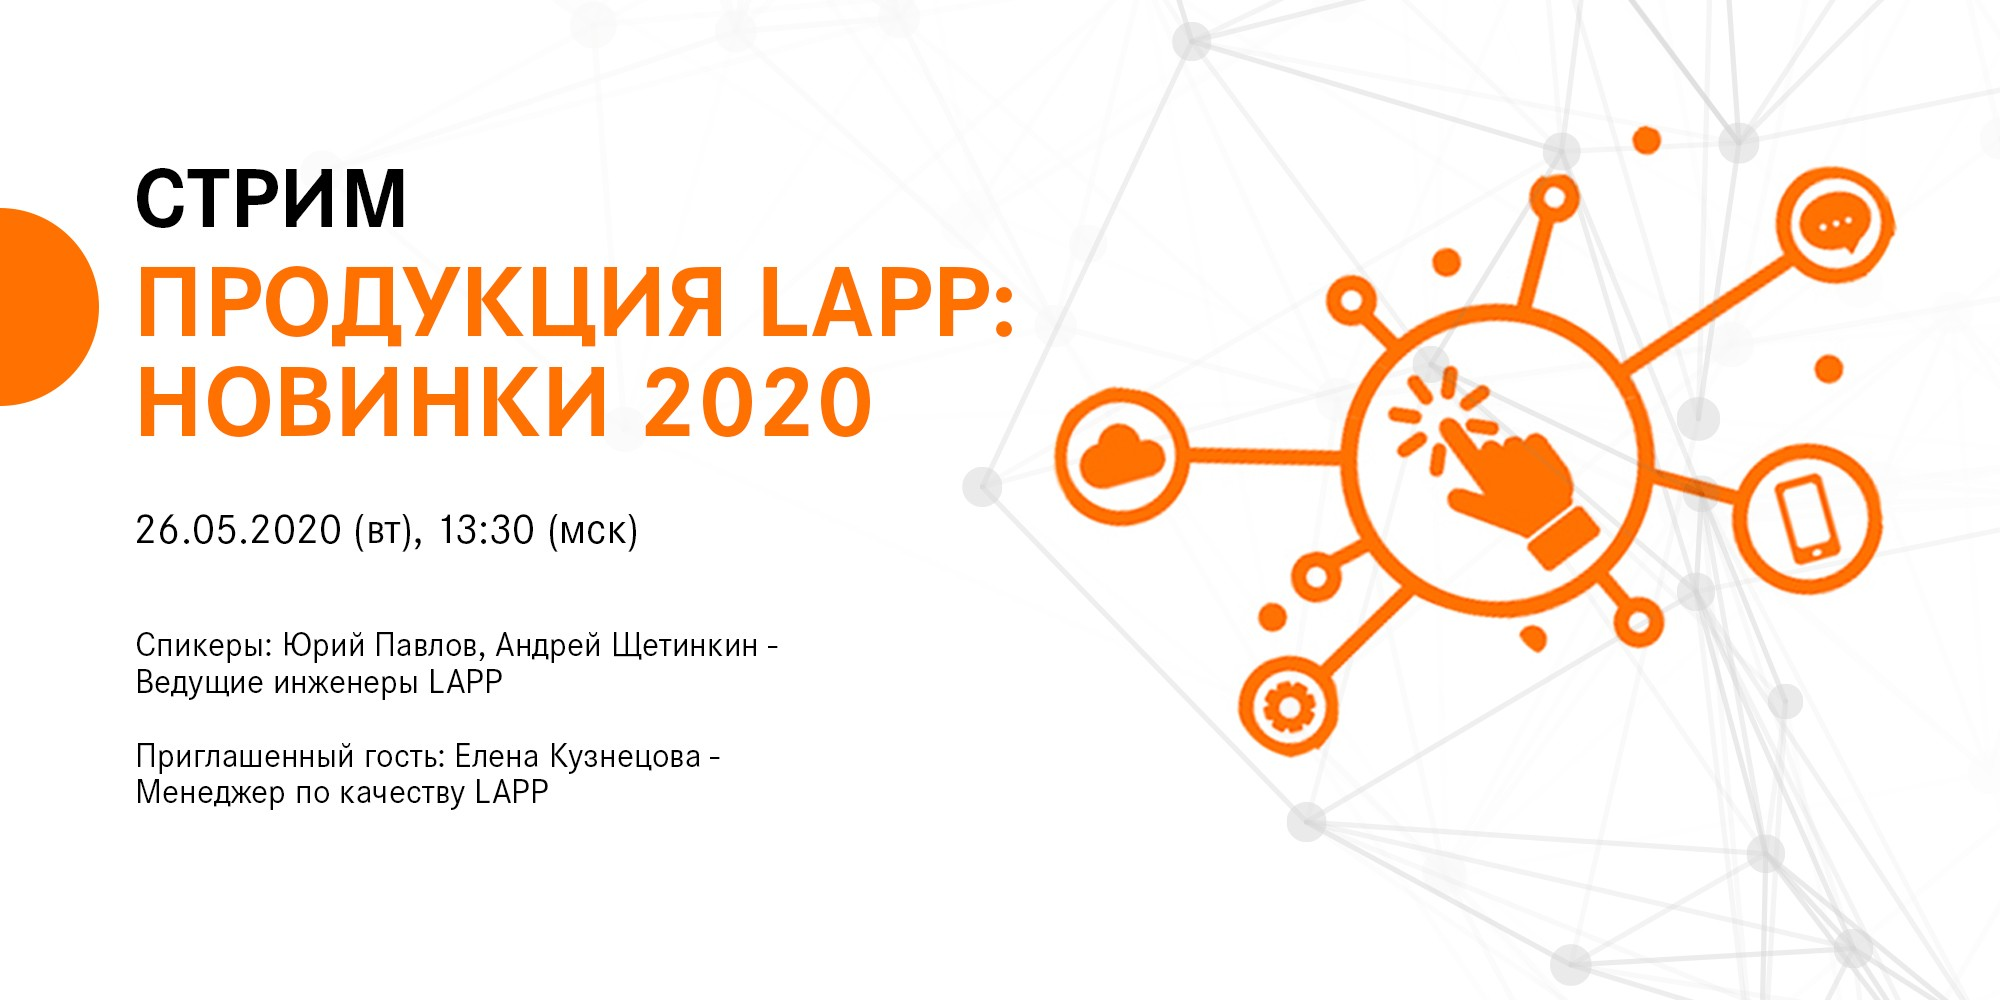 website-banner-stream-2000x1000